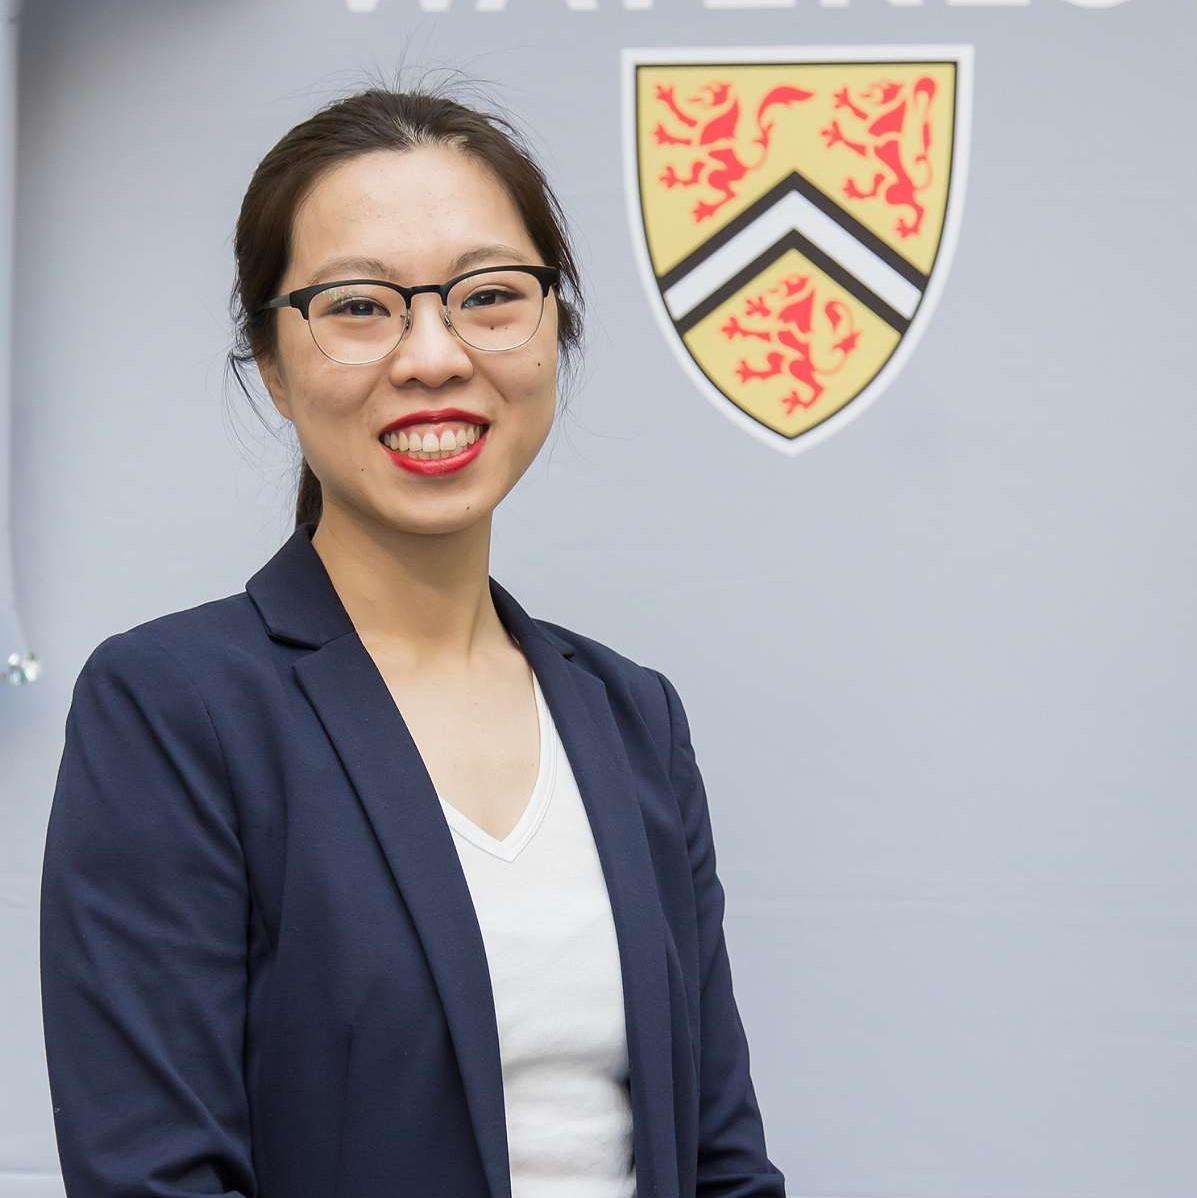 Tina Chan smiling